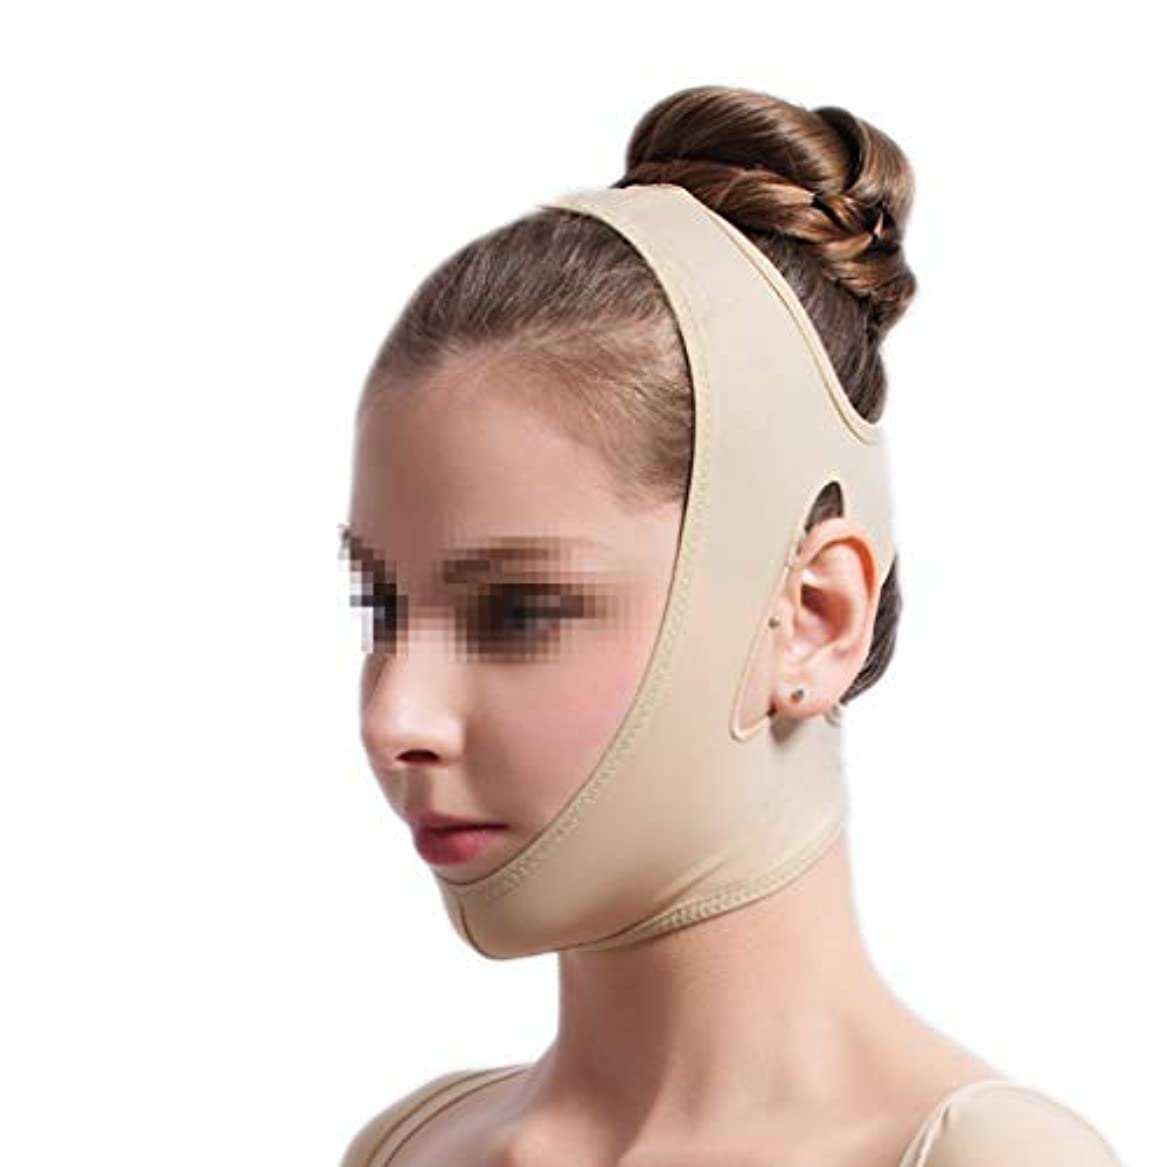 熟考する機関バケツXHLMRMJ フェイスリフトマスク、下顎袖医療グレード脂肪吸引術整形弾性ヘッドギアダブルあご顔ライン彫刻圧力包帯 (Size : XL)